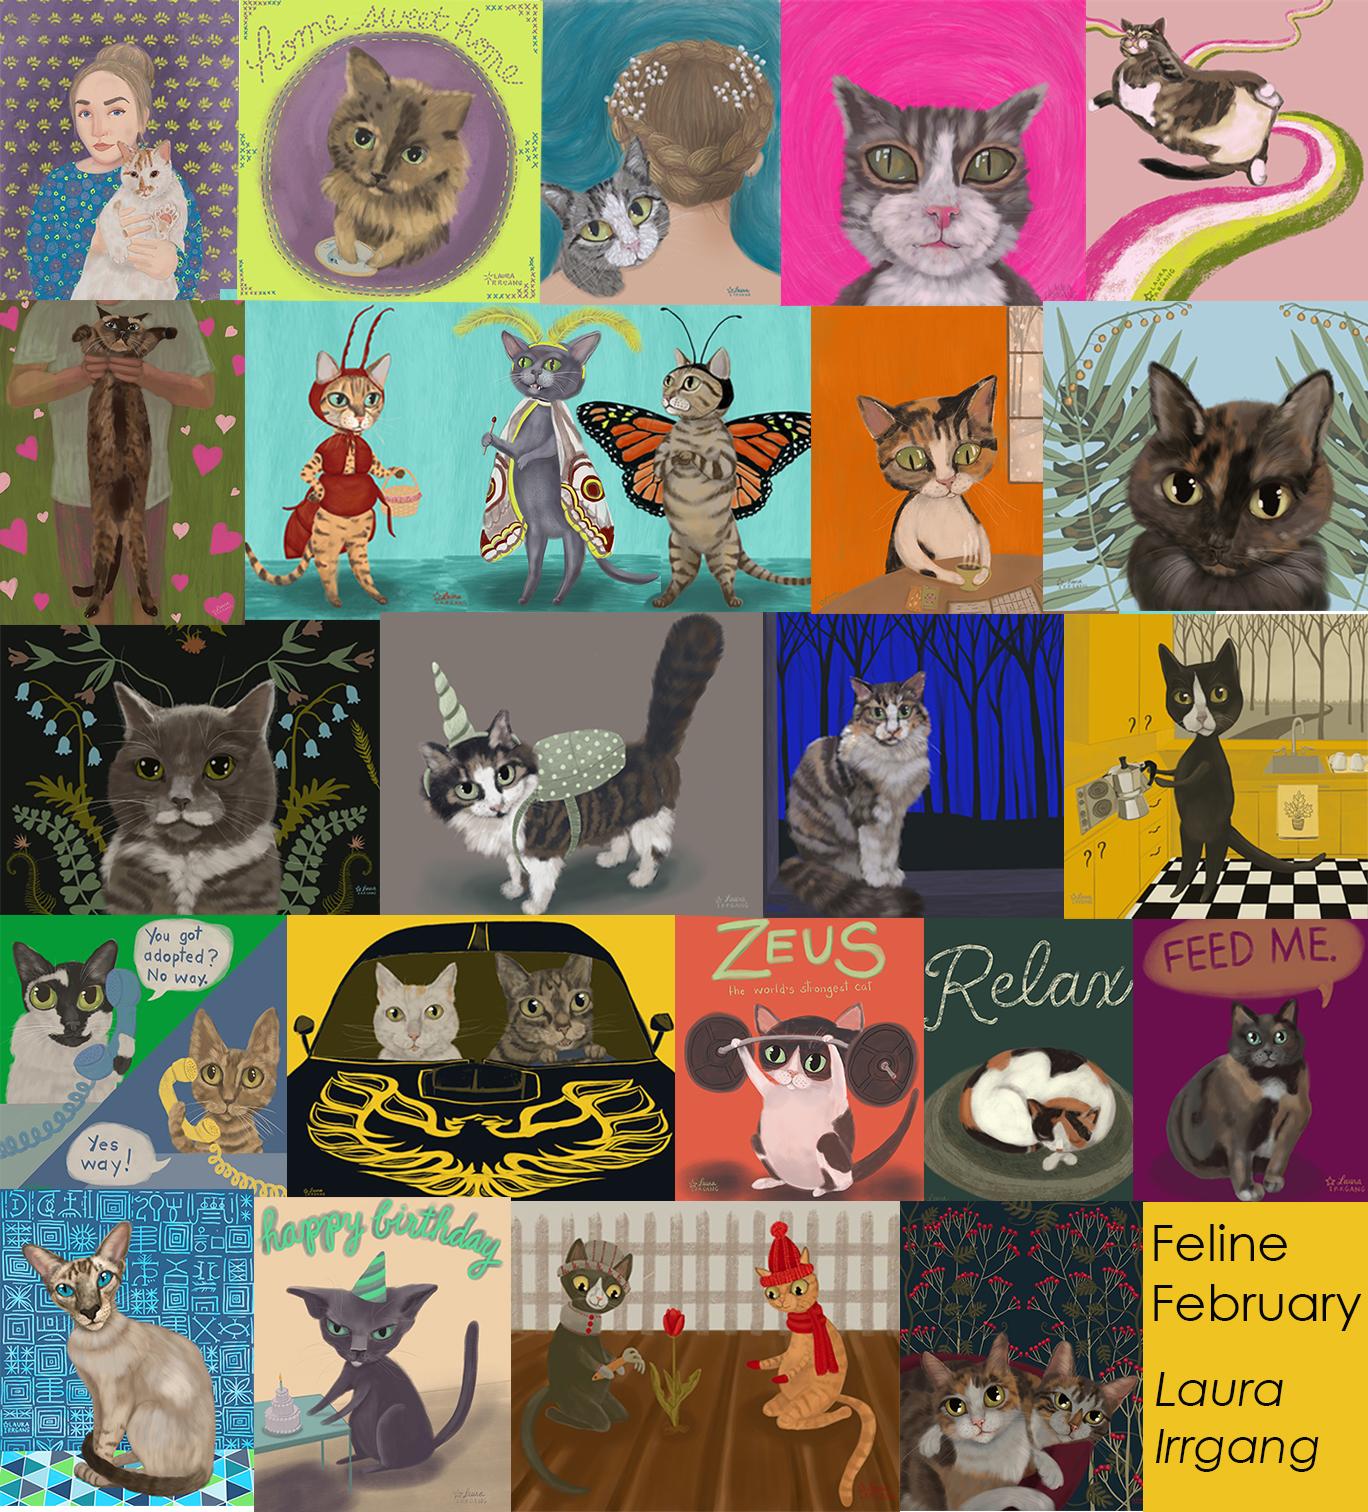 Feline February Poster.jpg